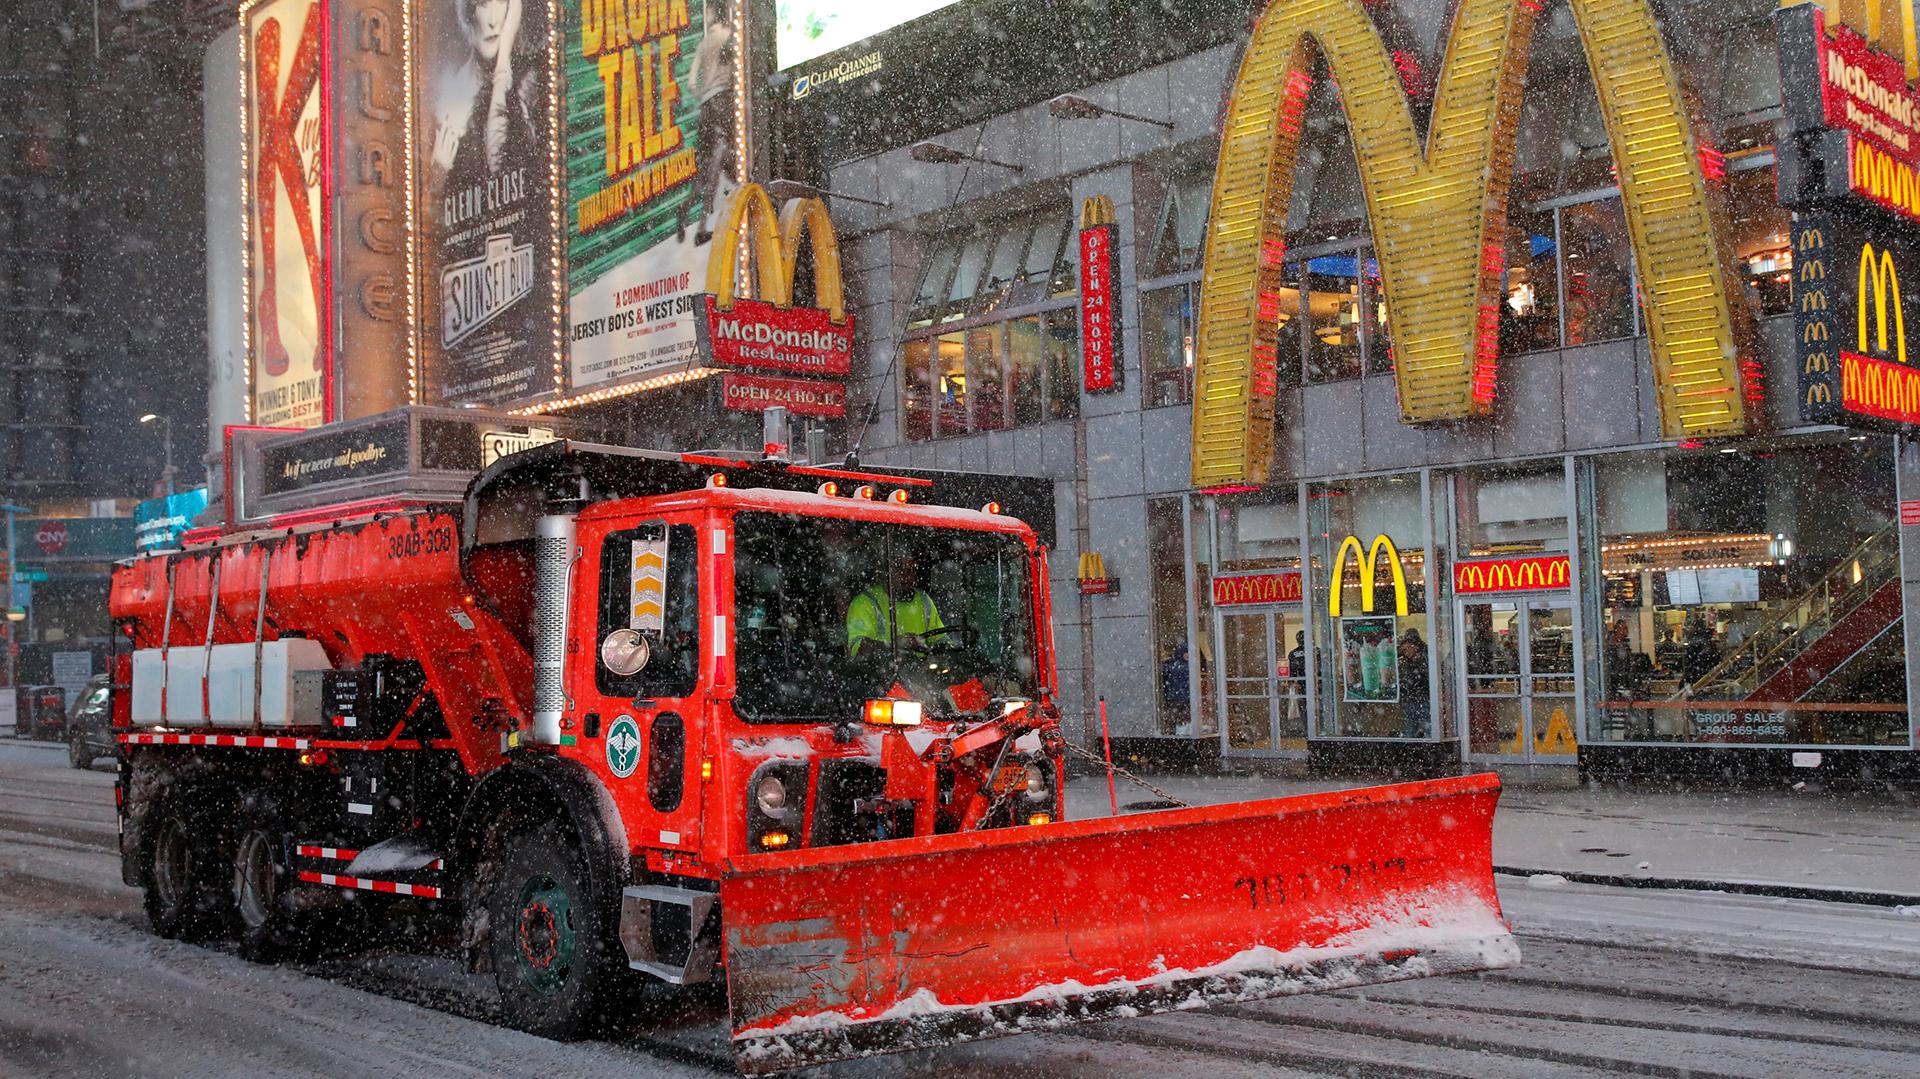 Los trabajos para limpiar la nieve se realizaban a toda prisa para evitar acumulaciones